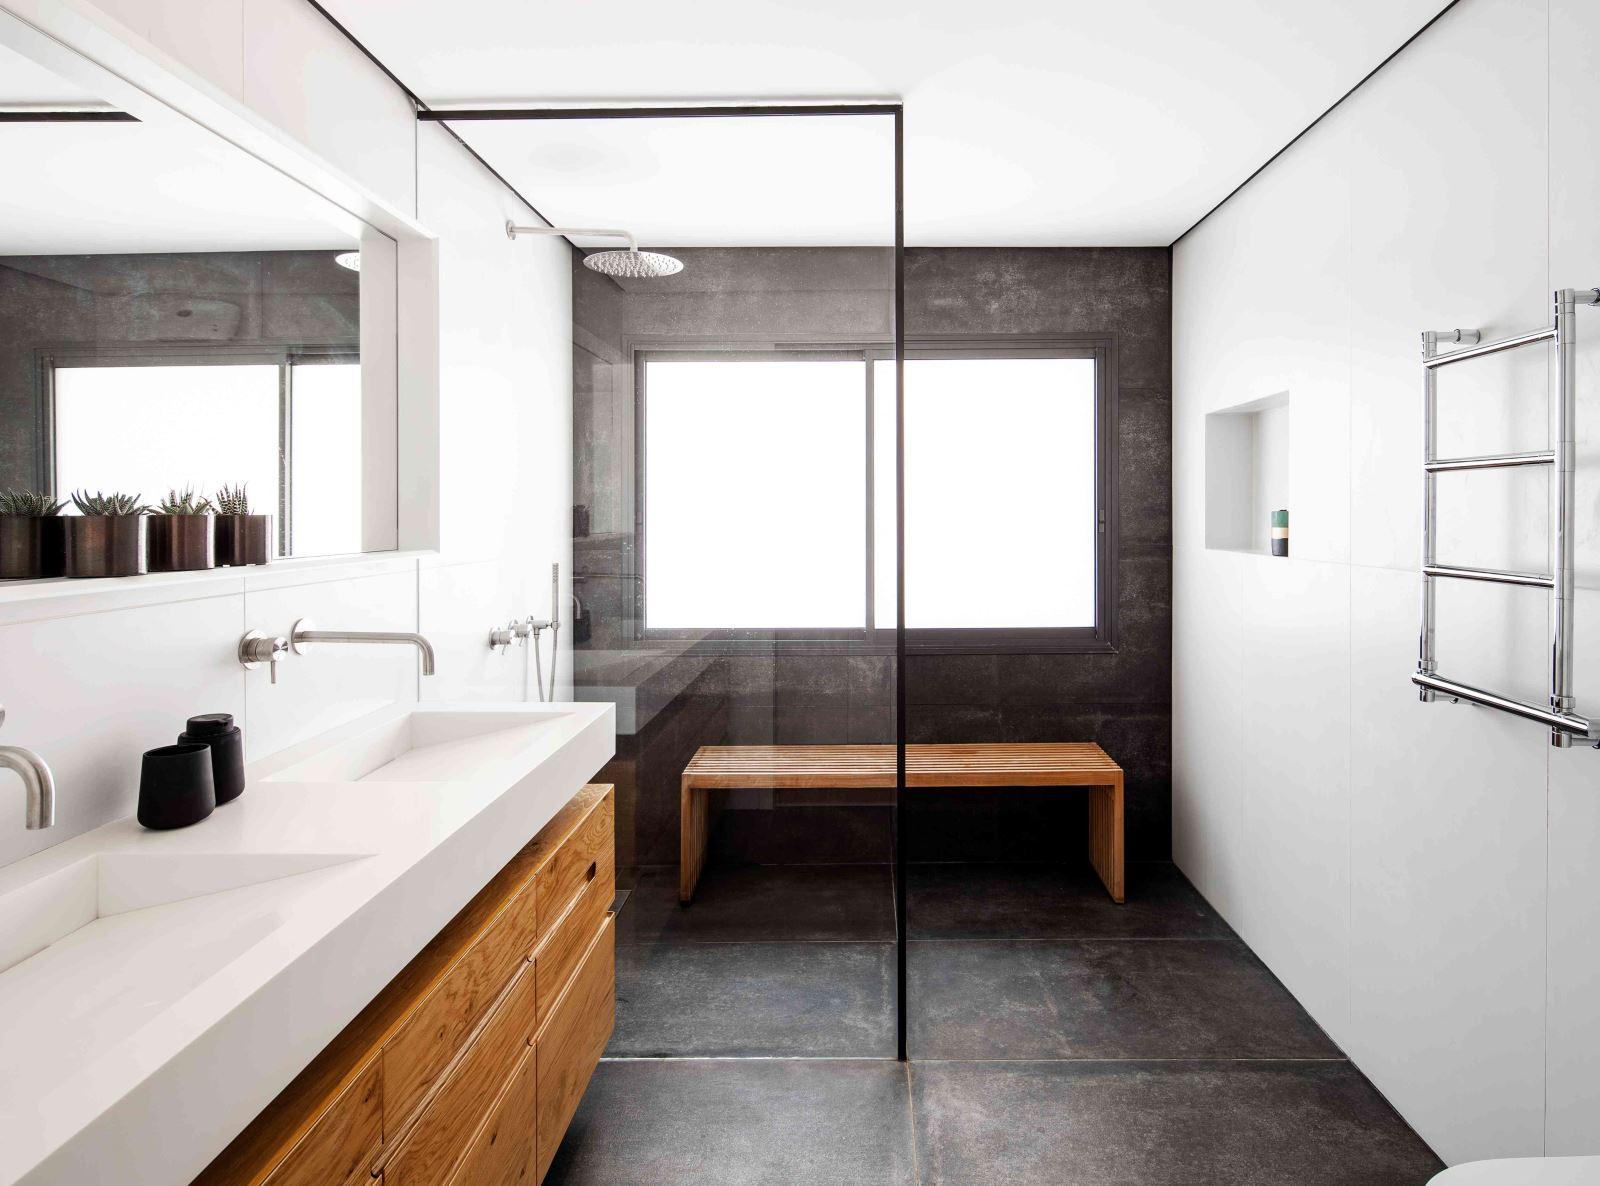 כיורי קוריאן לחדר אמבטיה